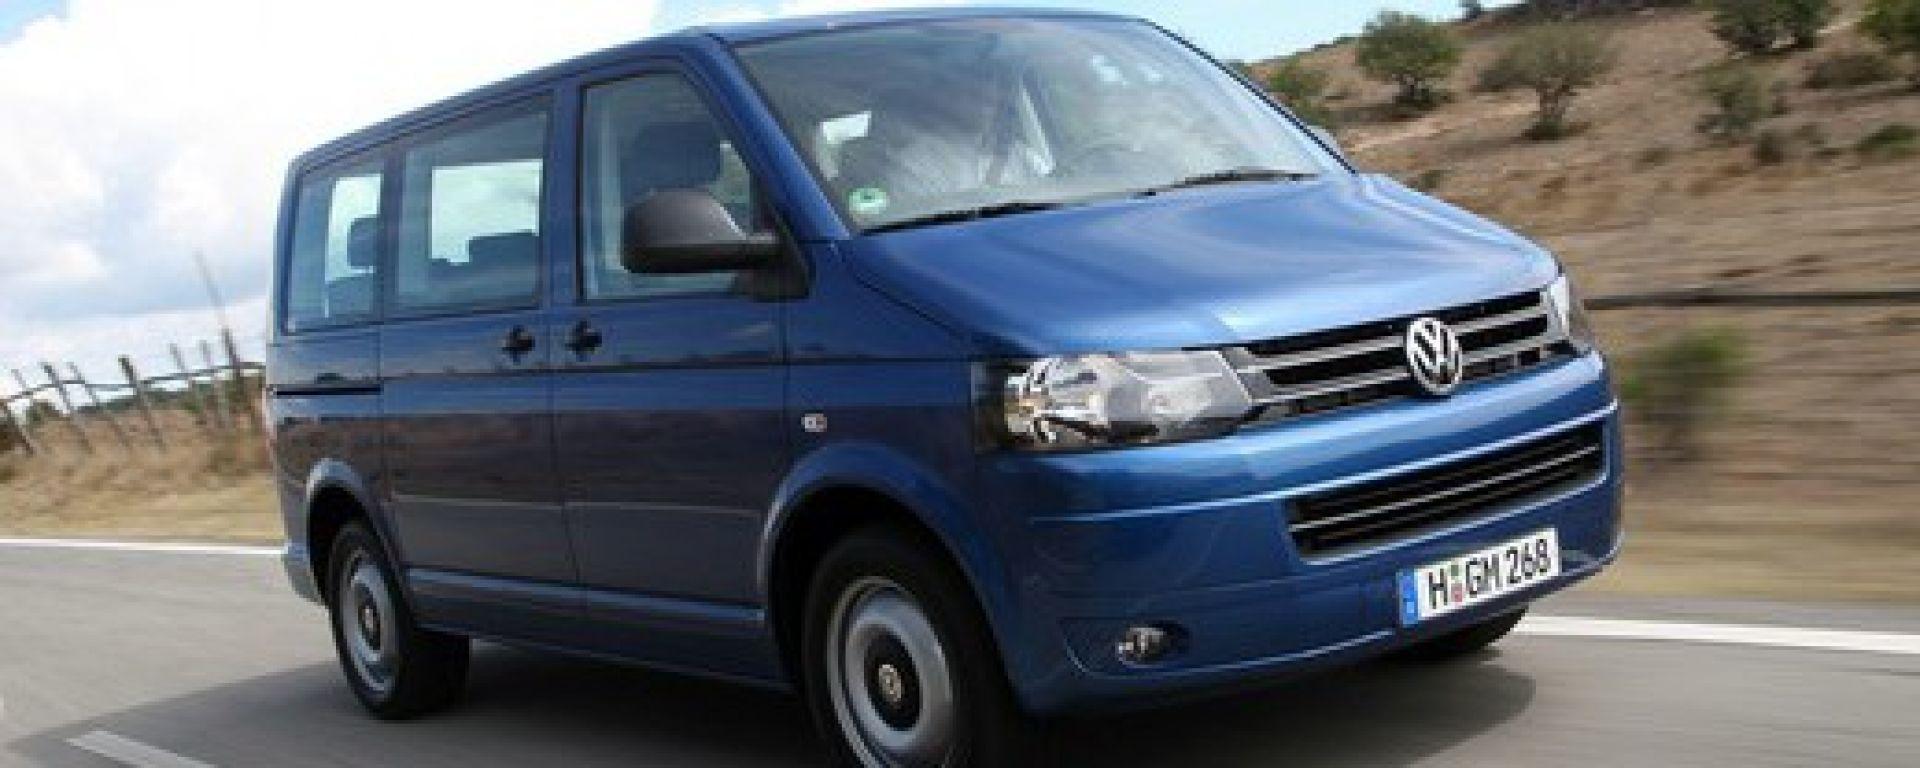 Volkswagen T5 Multivan 2010